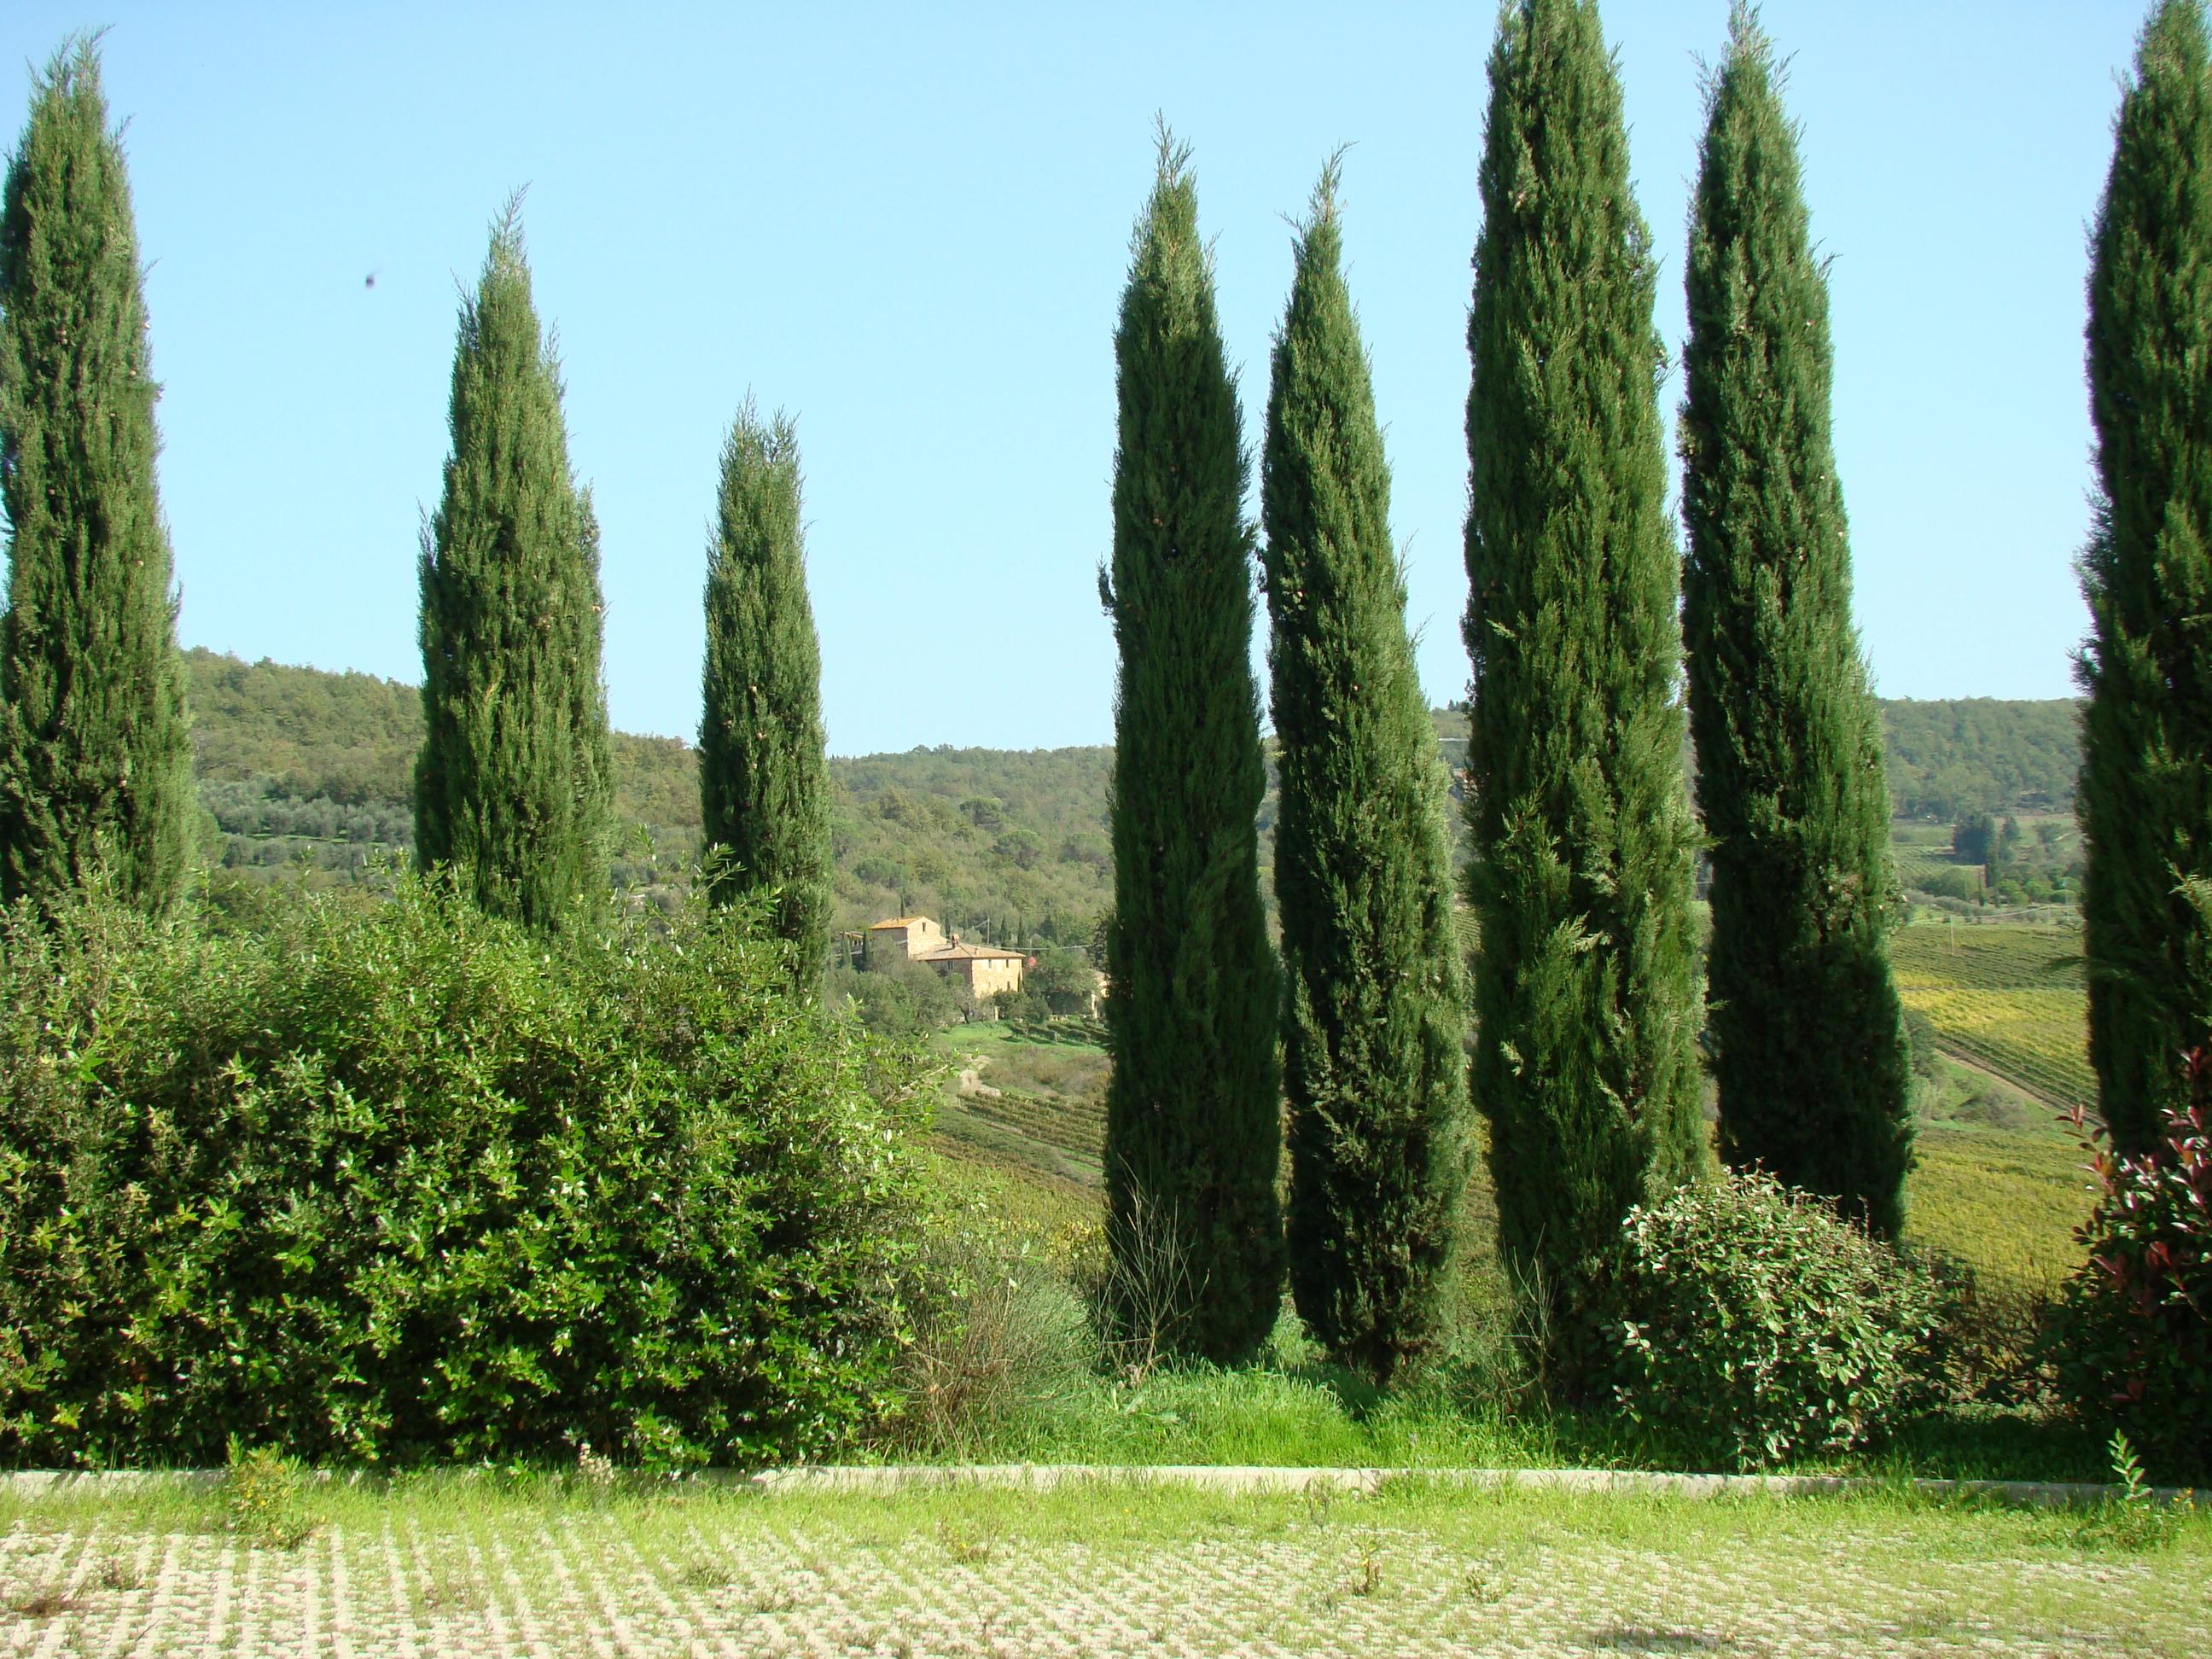 Panorama dal parcheggio della Badia a Passignano (di Giuliana Profeti)